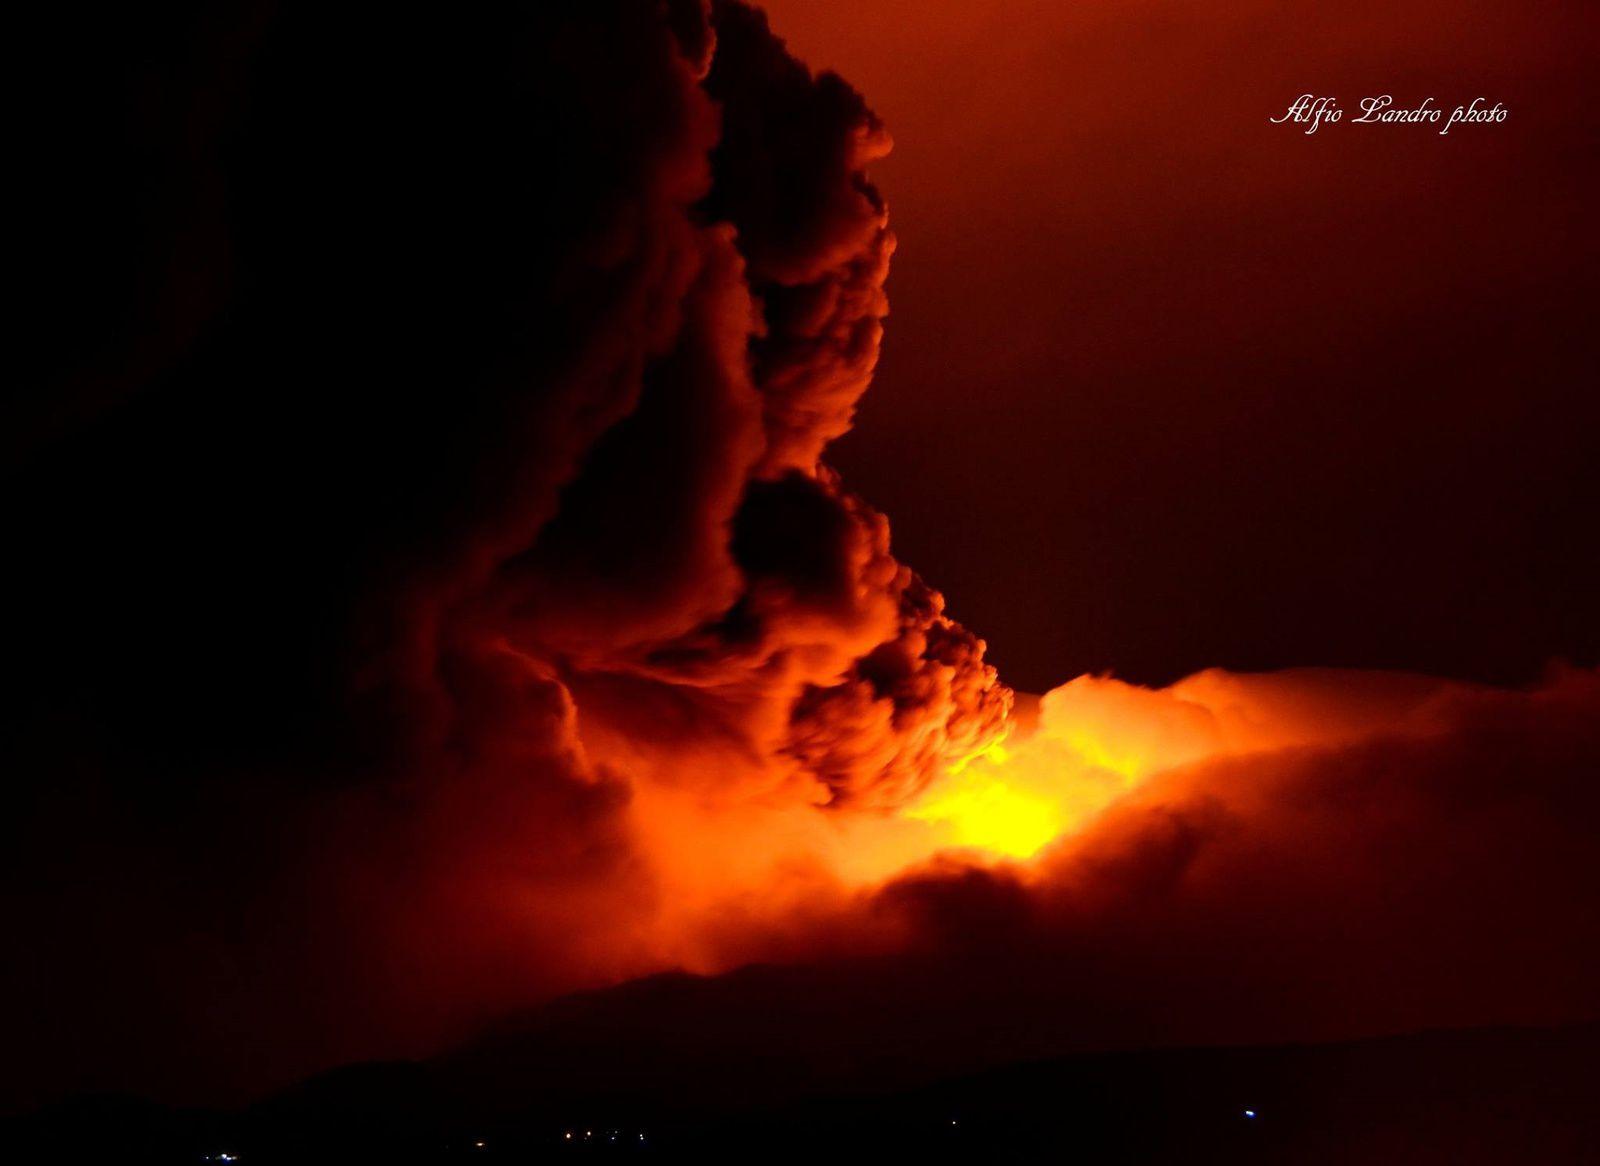 L' Etna vu de Fiumeffredo -  photo Alfio Lando 28.12.2014